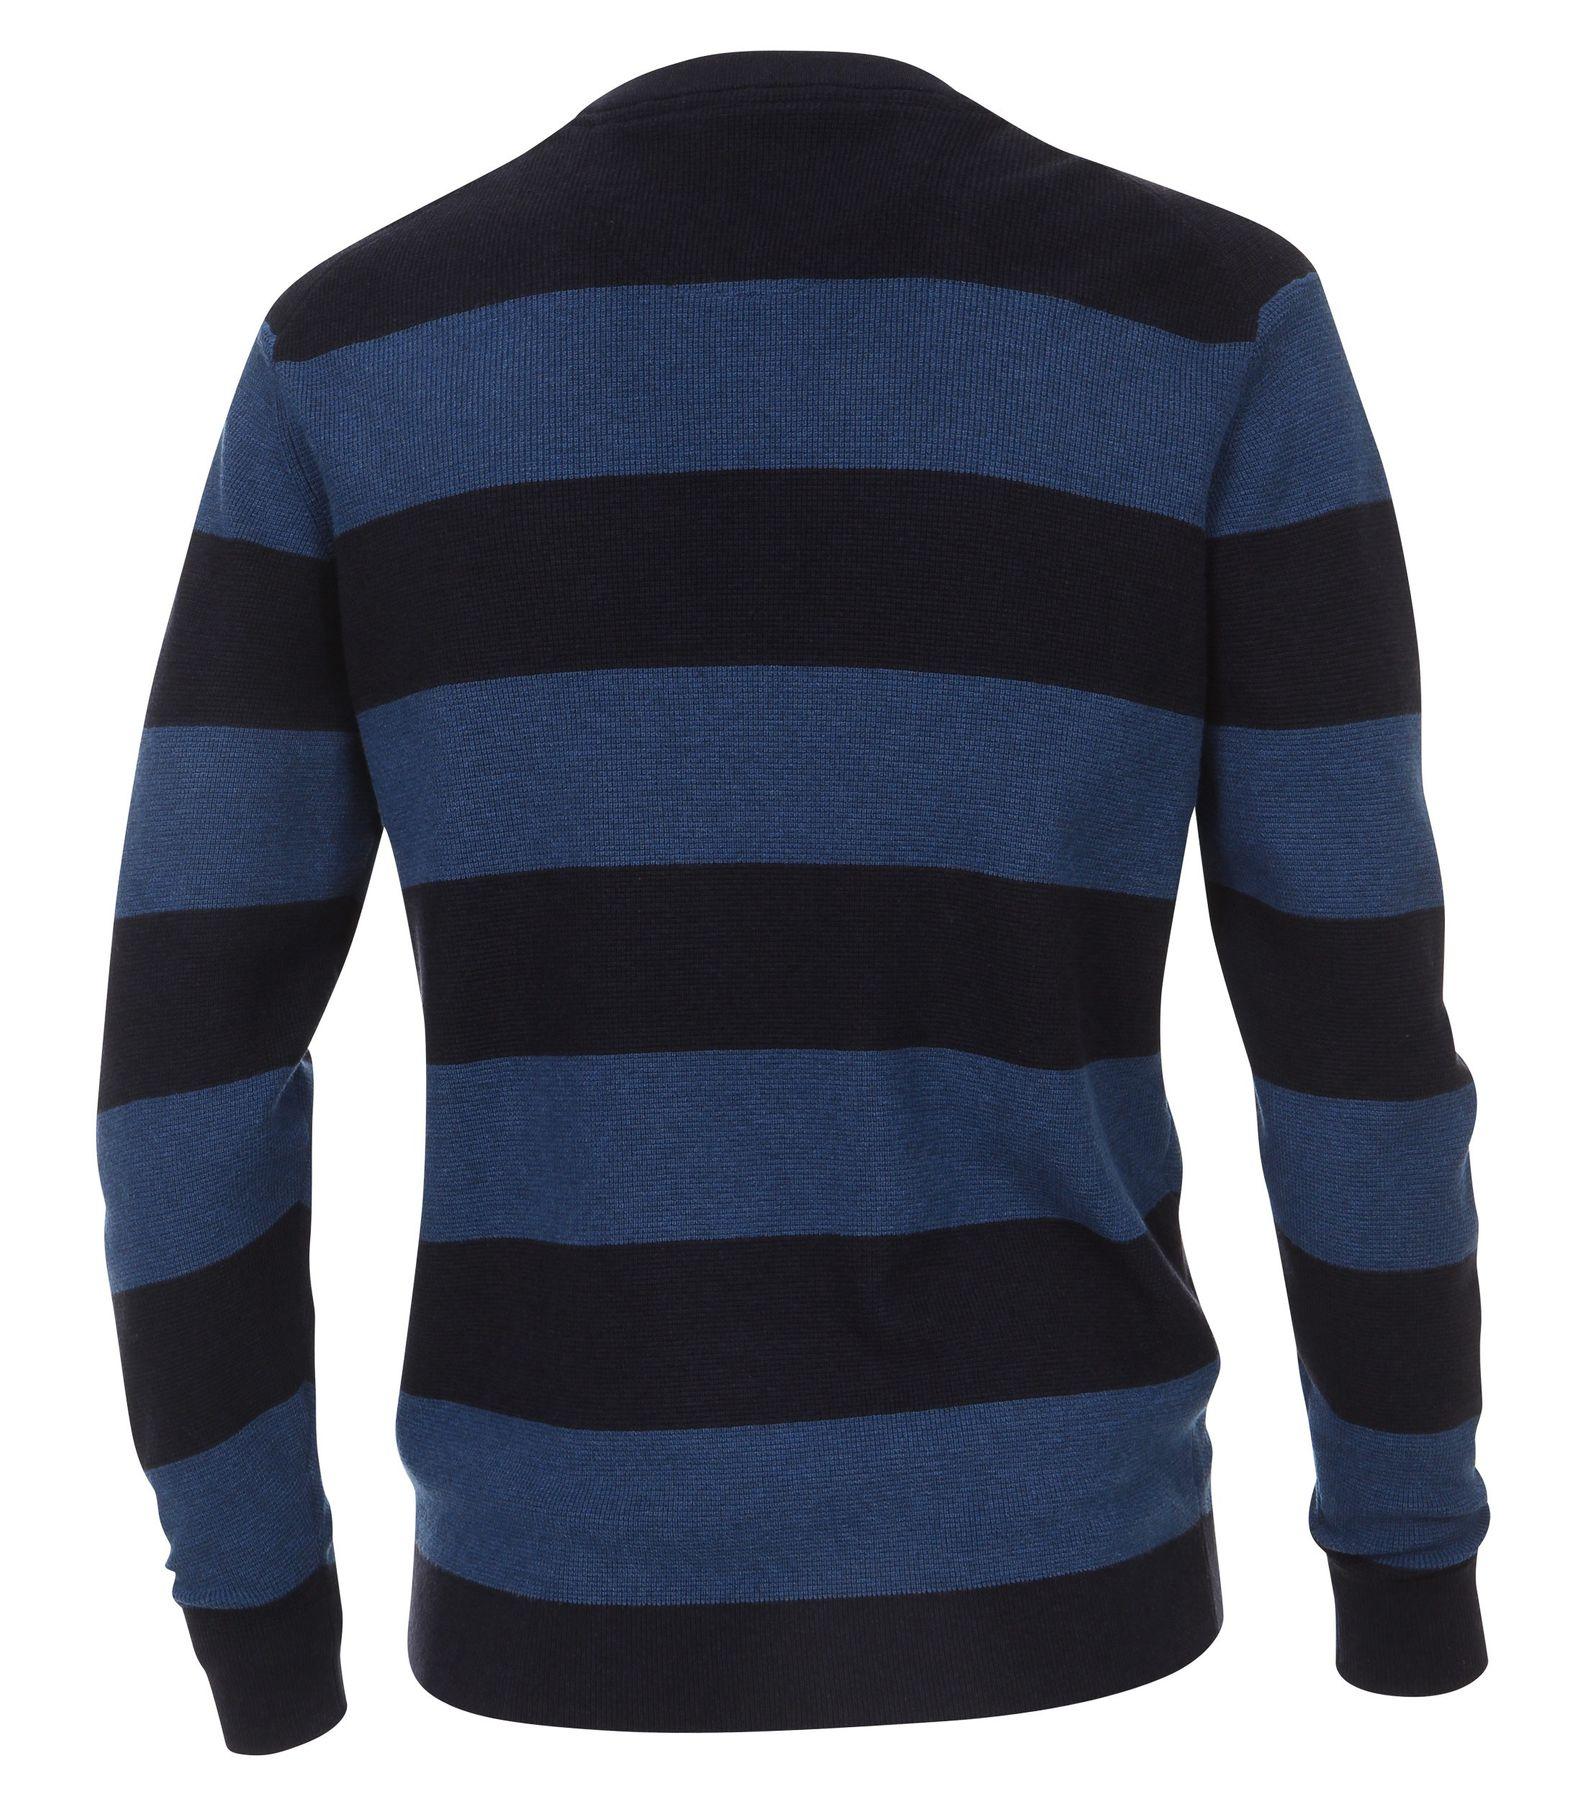 Casa Moda - Herren Pullover mit Rundhalsausschnitt, gestreift in Braun und Blau (472625100A) – Bild 2